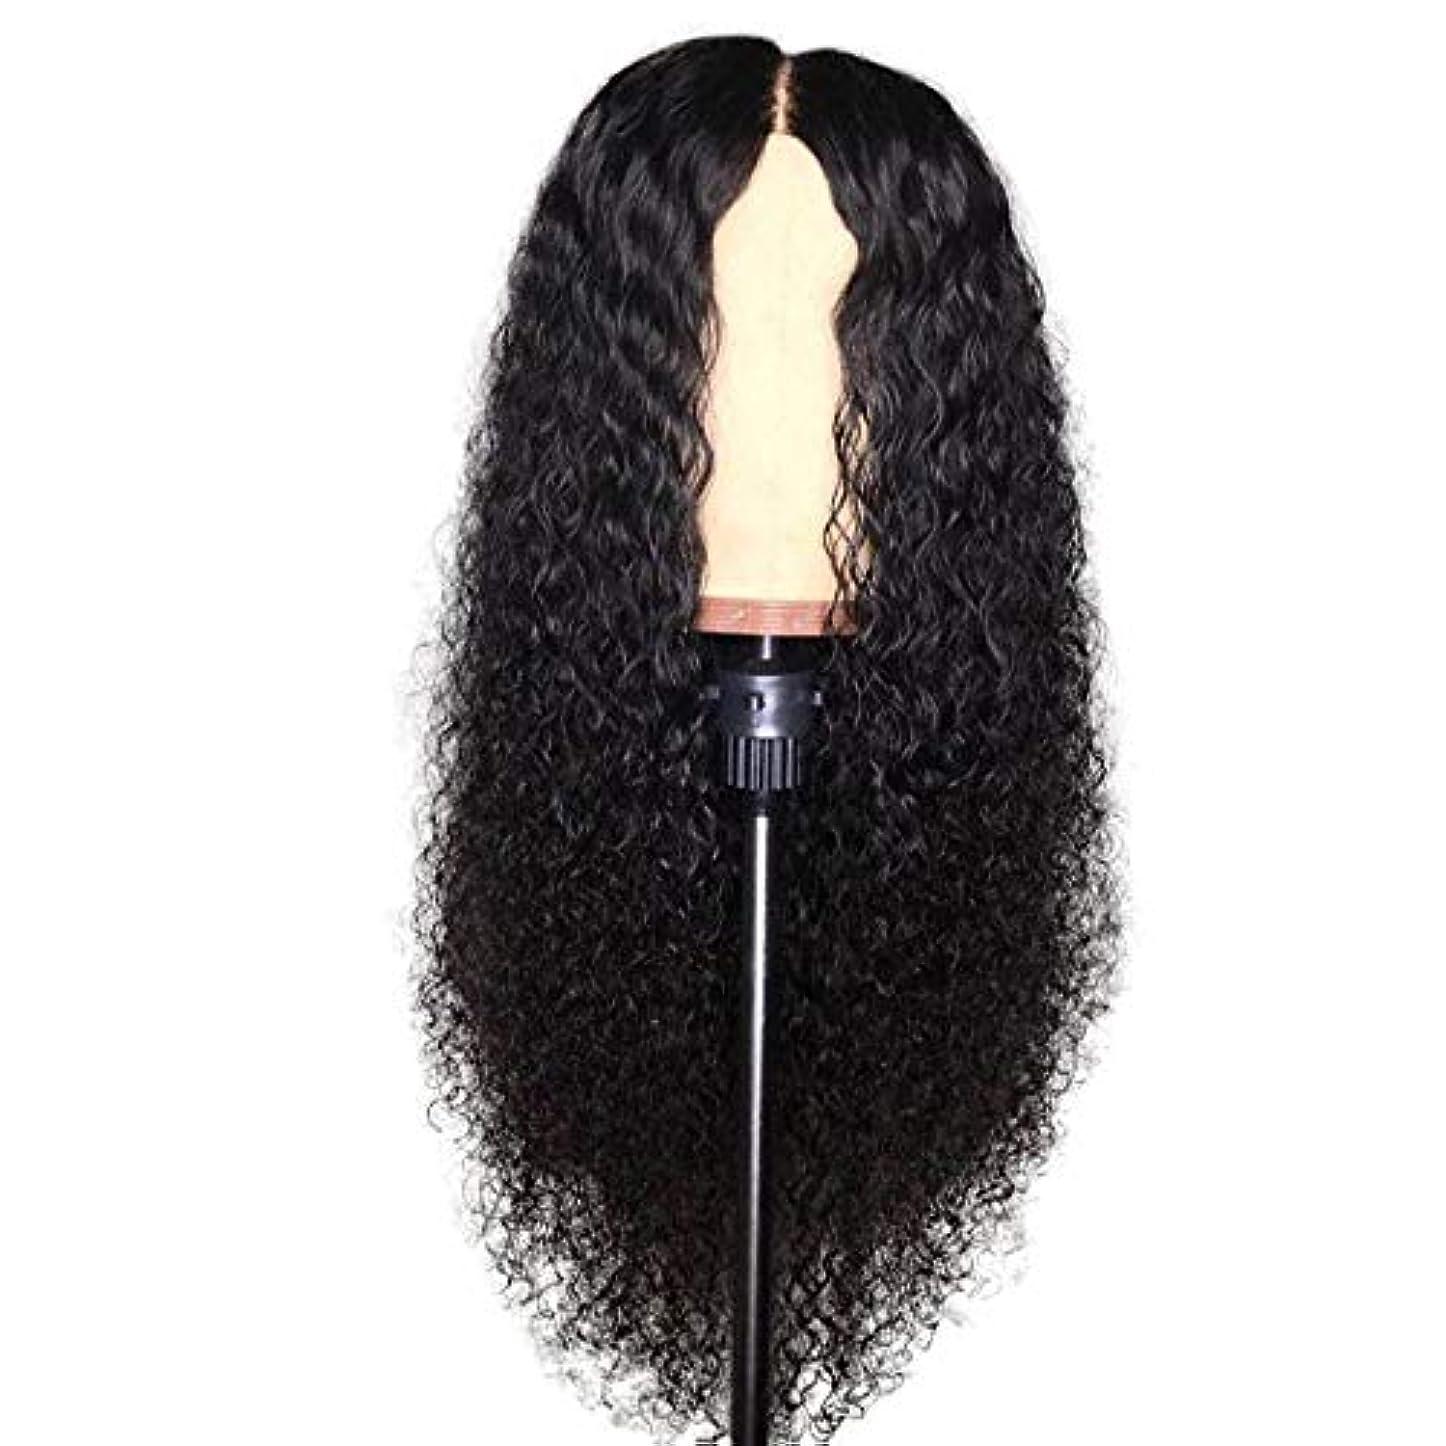 退却素晴らしい甘やかすカーリー人間の髪の毛のかつらナチュラルカラー漂白ノットブラジル人のremyかつら人間の髪の毛の前髪かつら事前に吹かれたかつら,8